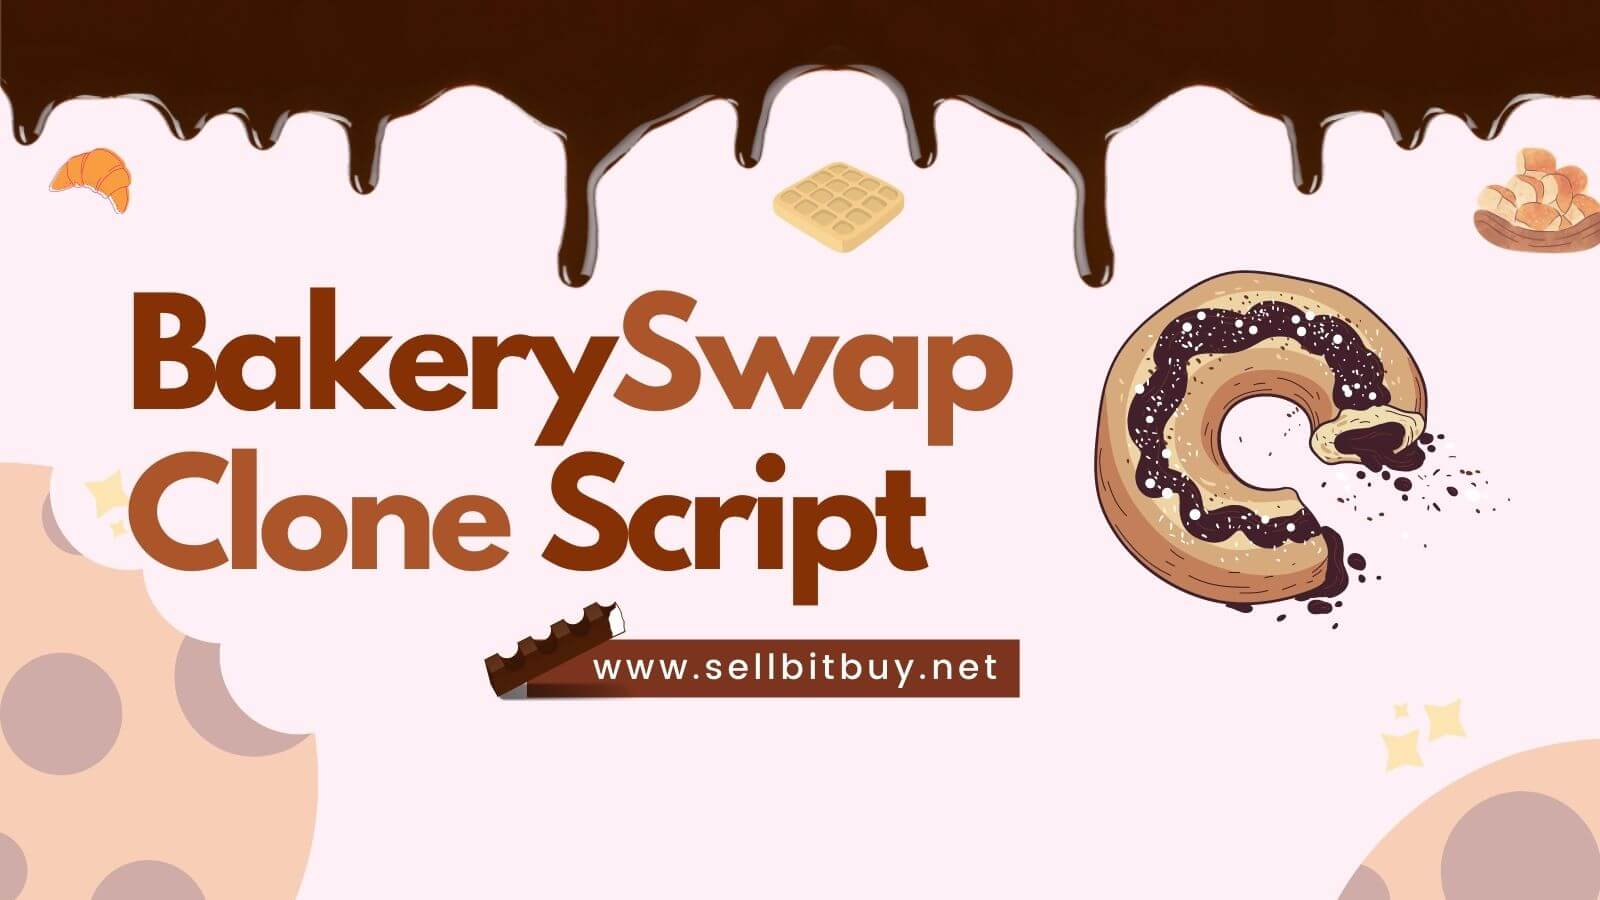 BakerySwap Clone Script - Create Automated Market Maker (AMM) Like BakerySwap On Binance Smart Chain (BSC)